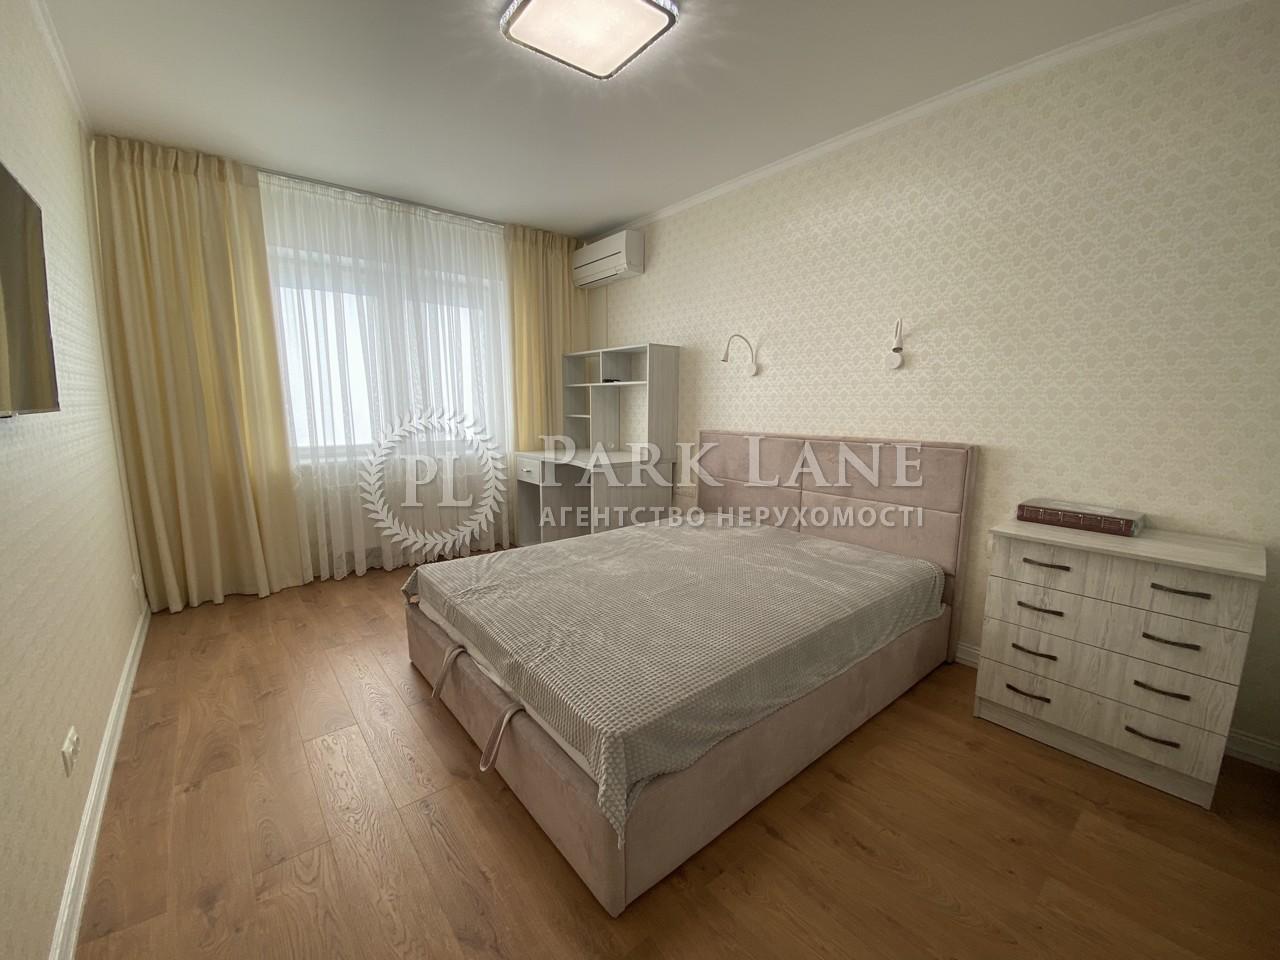 Квартира ул. Нижнеключевая, 14, Киев, J-29623 - Фото 6